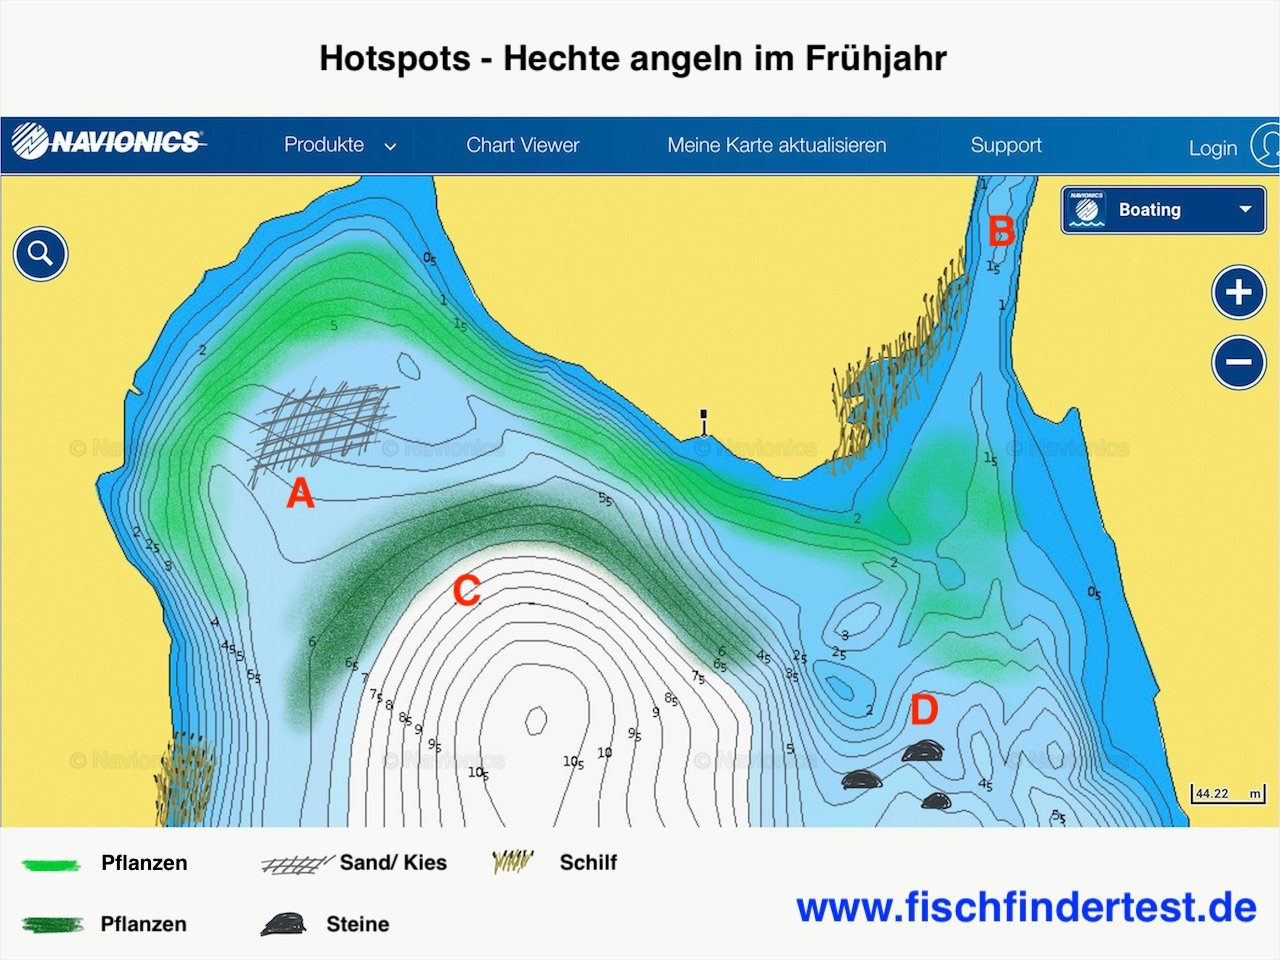 Hecht angeln - Hotspots im Frühjar